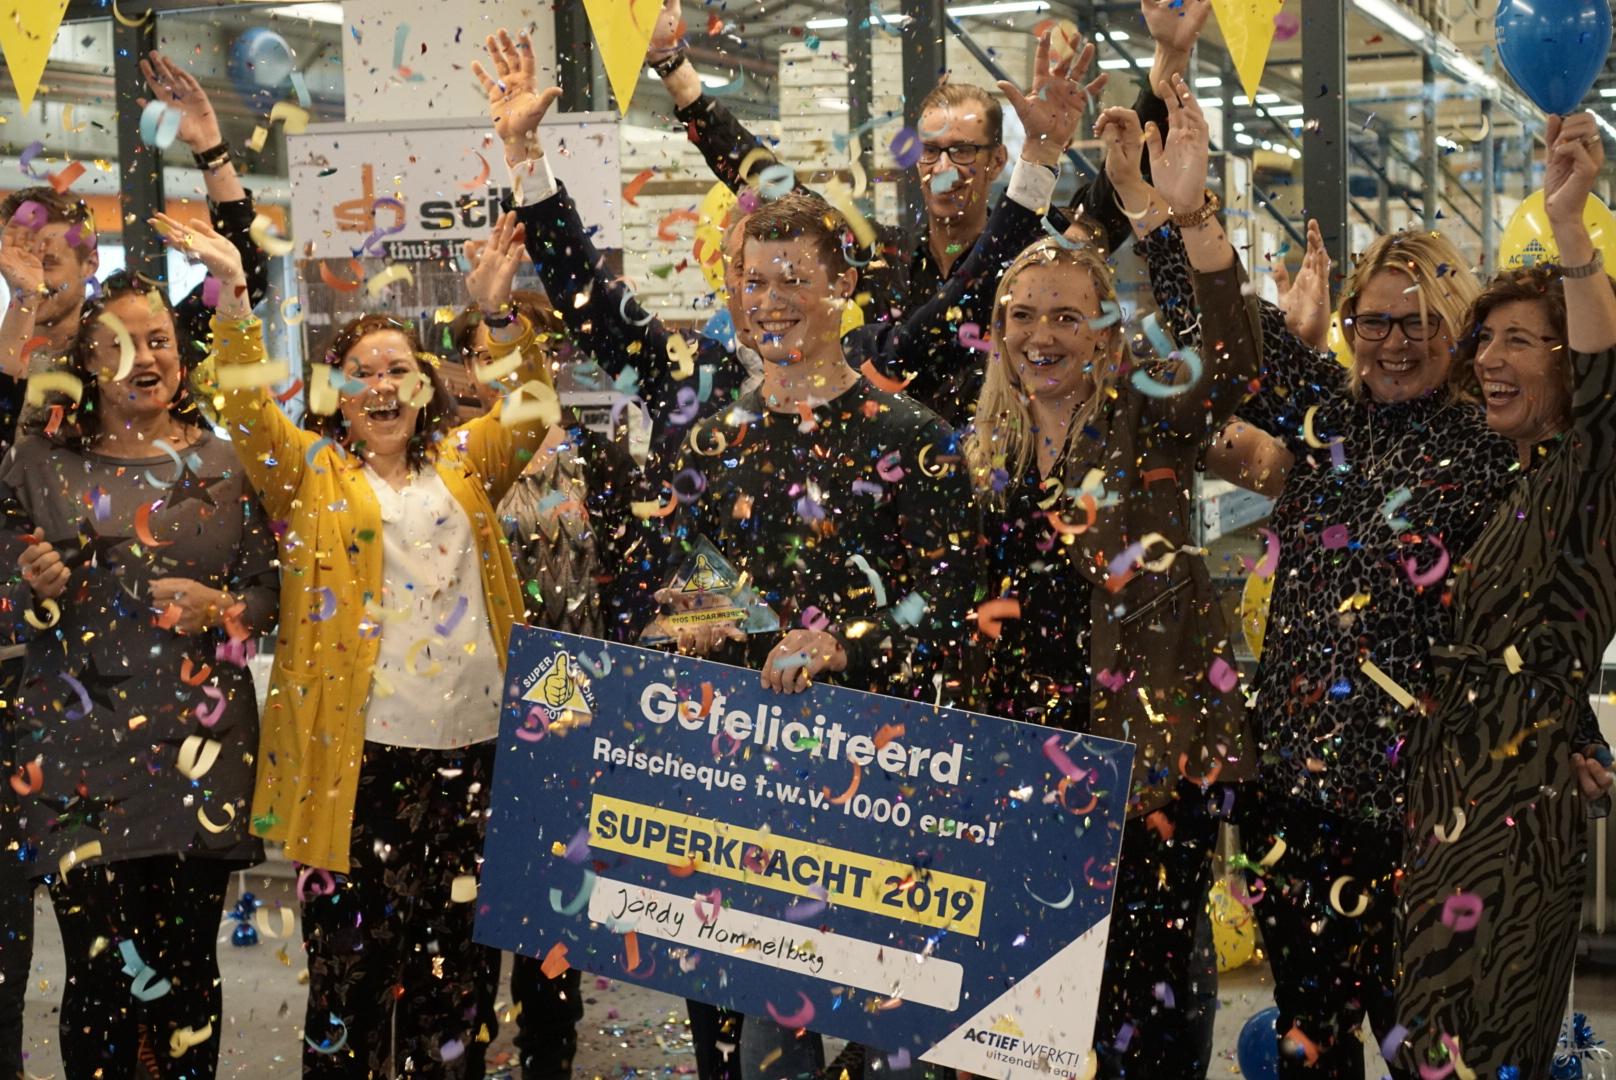 Landelijke Flexkracht verkiezing ook in Apeldoorn van start